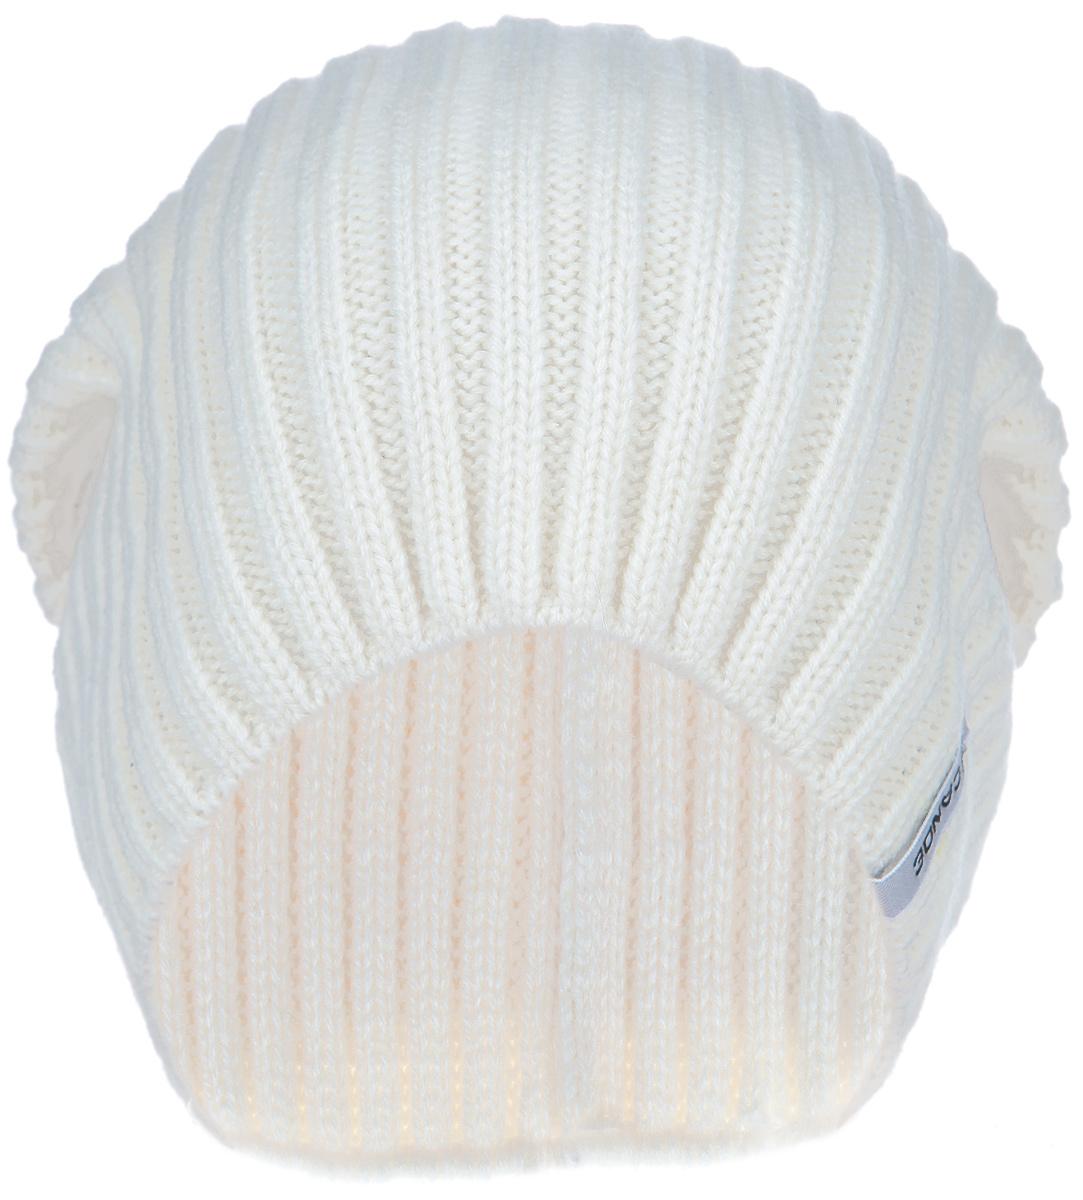 Шапка3442081Стильная мужская шапка Canoe Trango отлично дополнит ваш образ в холодную погоду. Сочетание шерсти и акрила максимально сохраняет тепло и обеспечивает удобную посадку. Удлиненная шапка имеет специальную вязку ластиком. Такая модель комфортна и приятна на ощупь, она великолепно подчеркнет ваш вкус. Такая шапка станет отличным дополнением к вашему осеннему или зимнему гардеробу, в ней вам будет уютно и тепло!